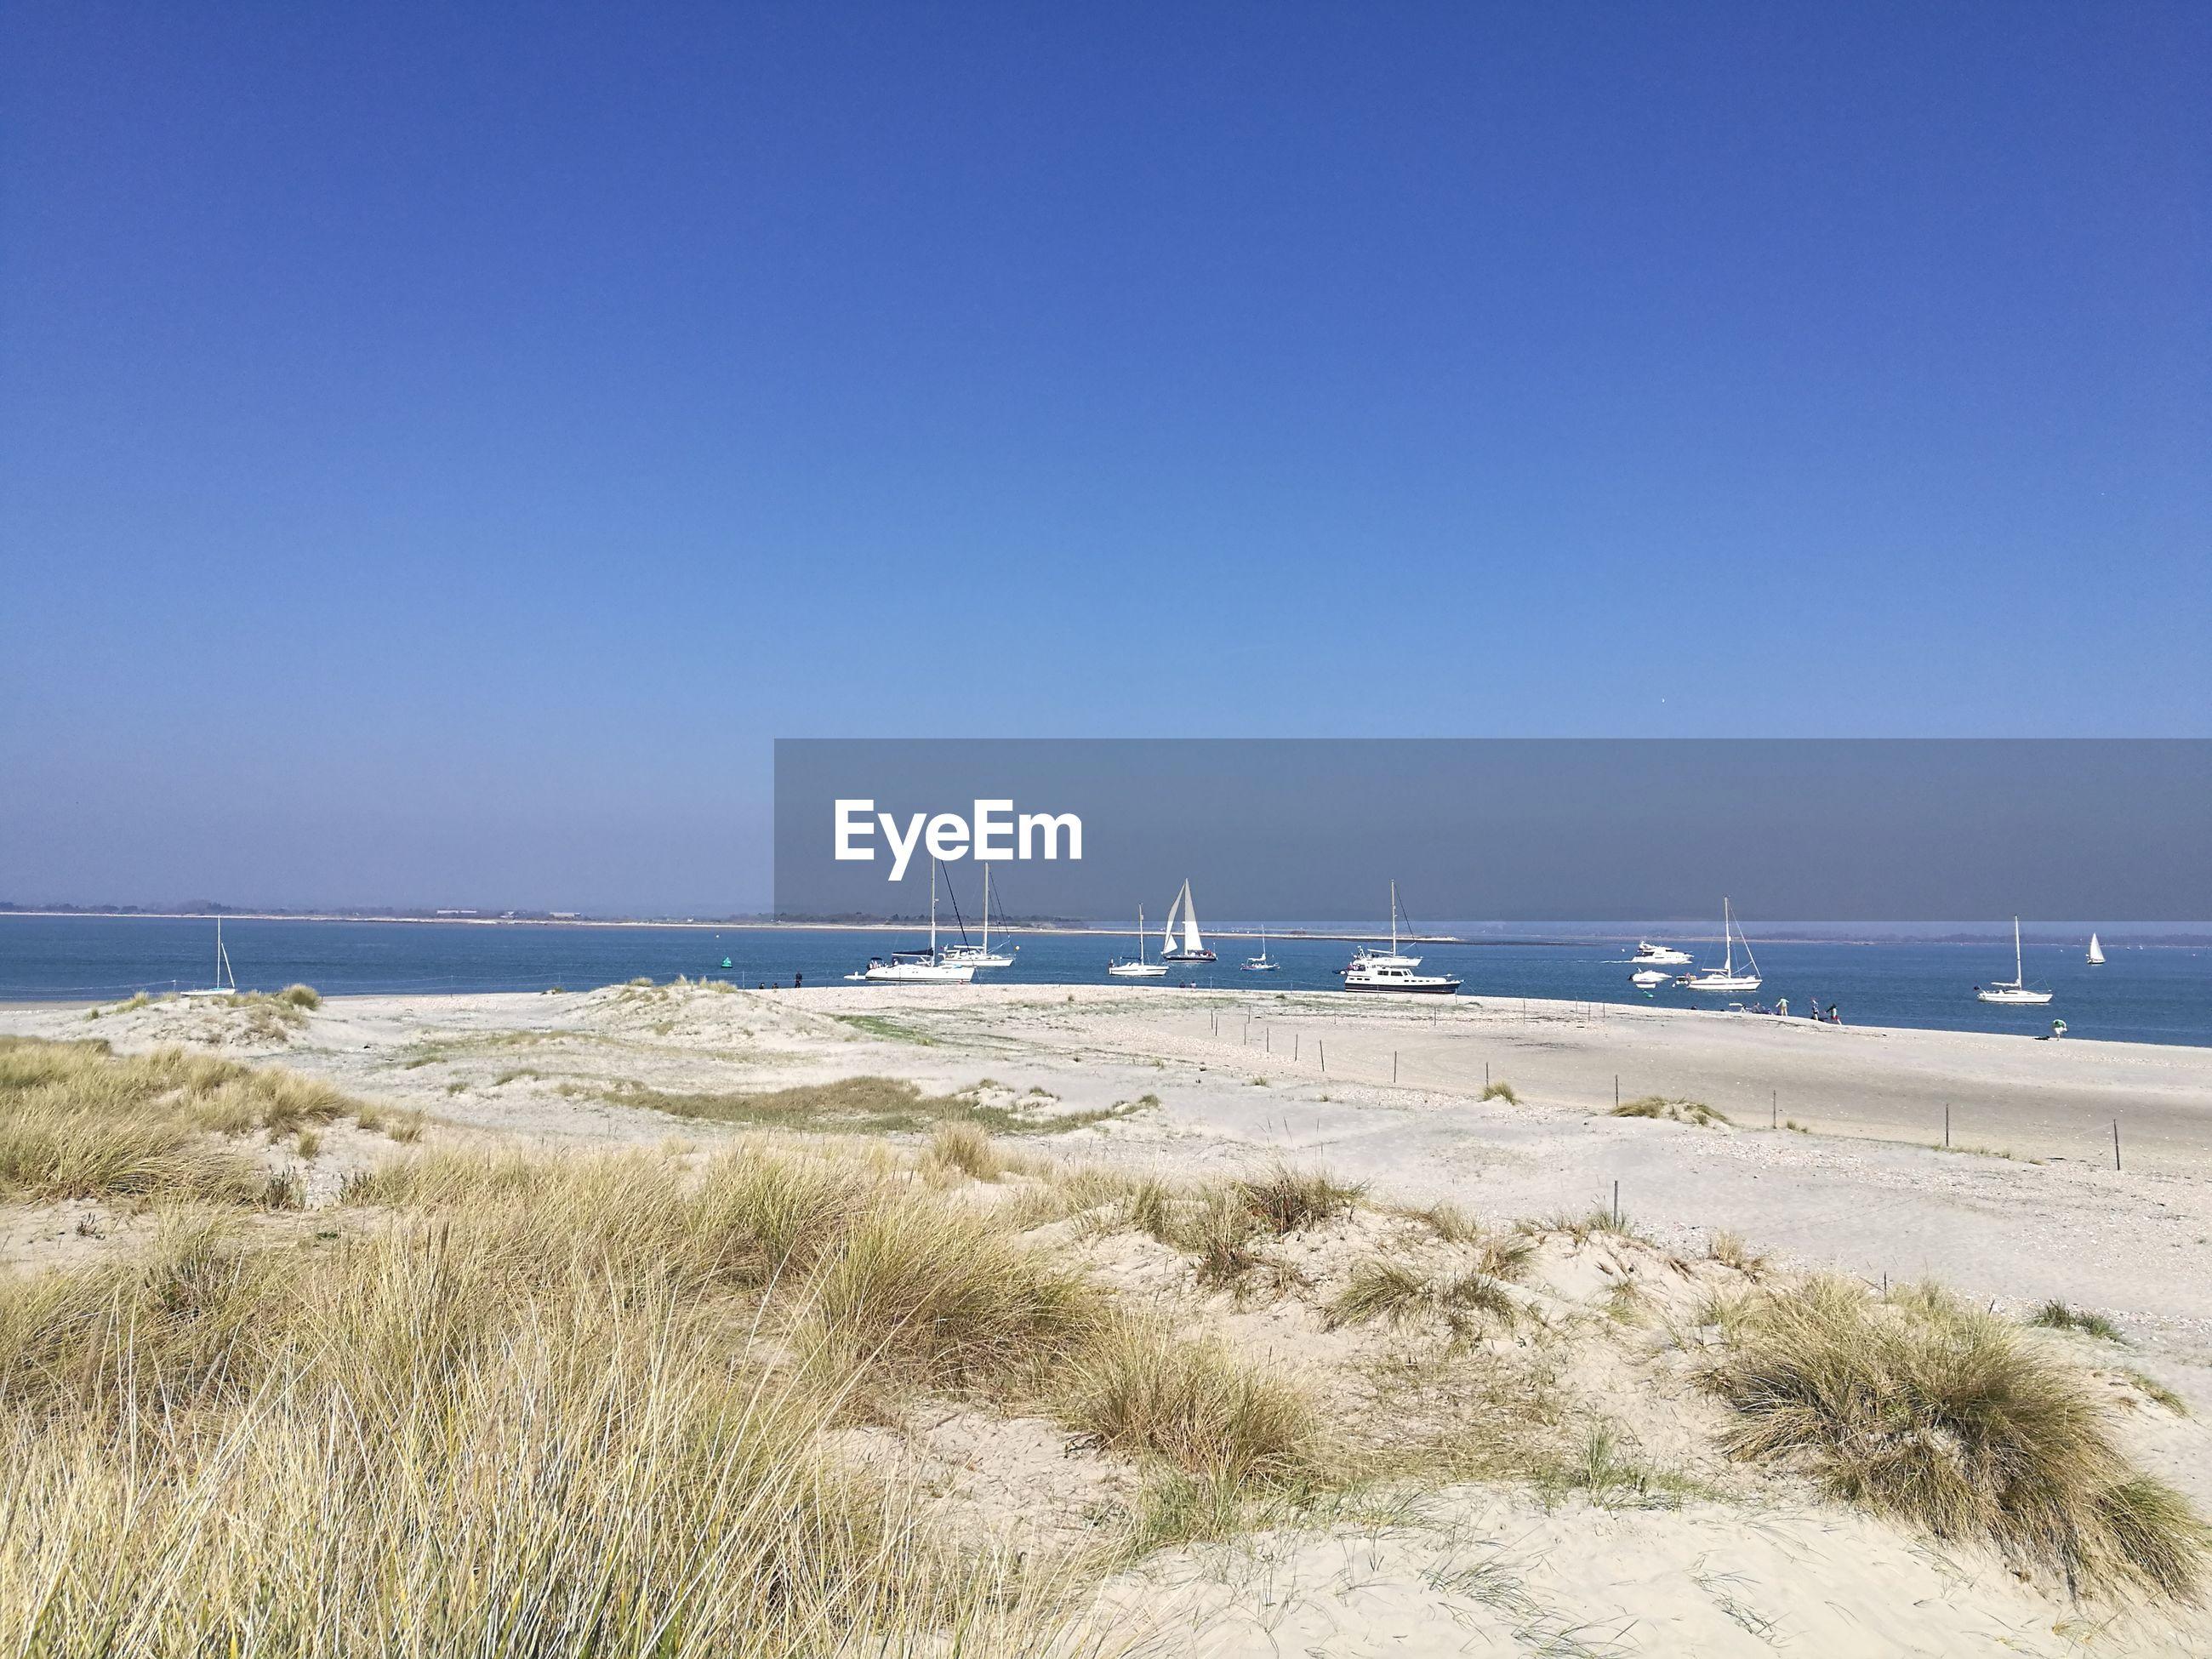 BEACH AGAINST CLEAR BLUE SKY